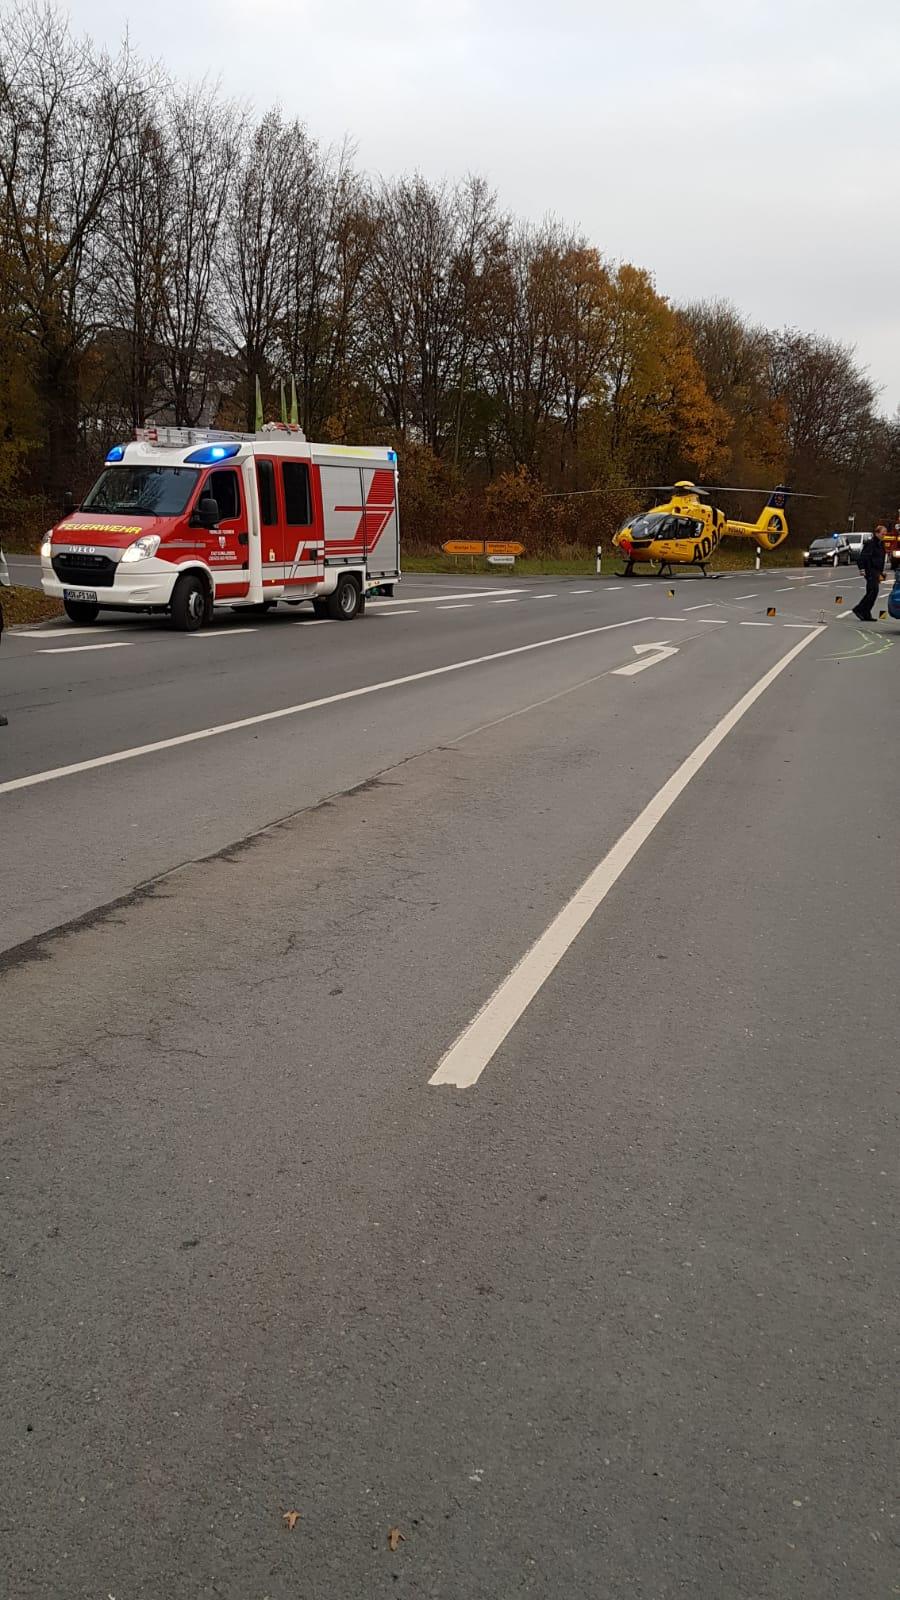 Erneut schwerer Verkehrsunfall auf der B 511 Kreuzung Leißestraße